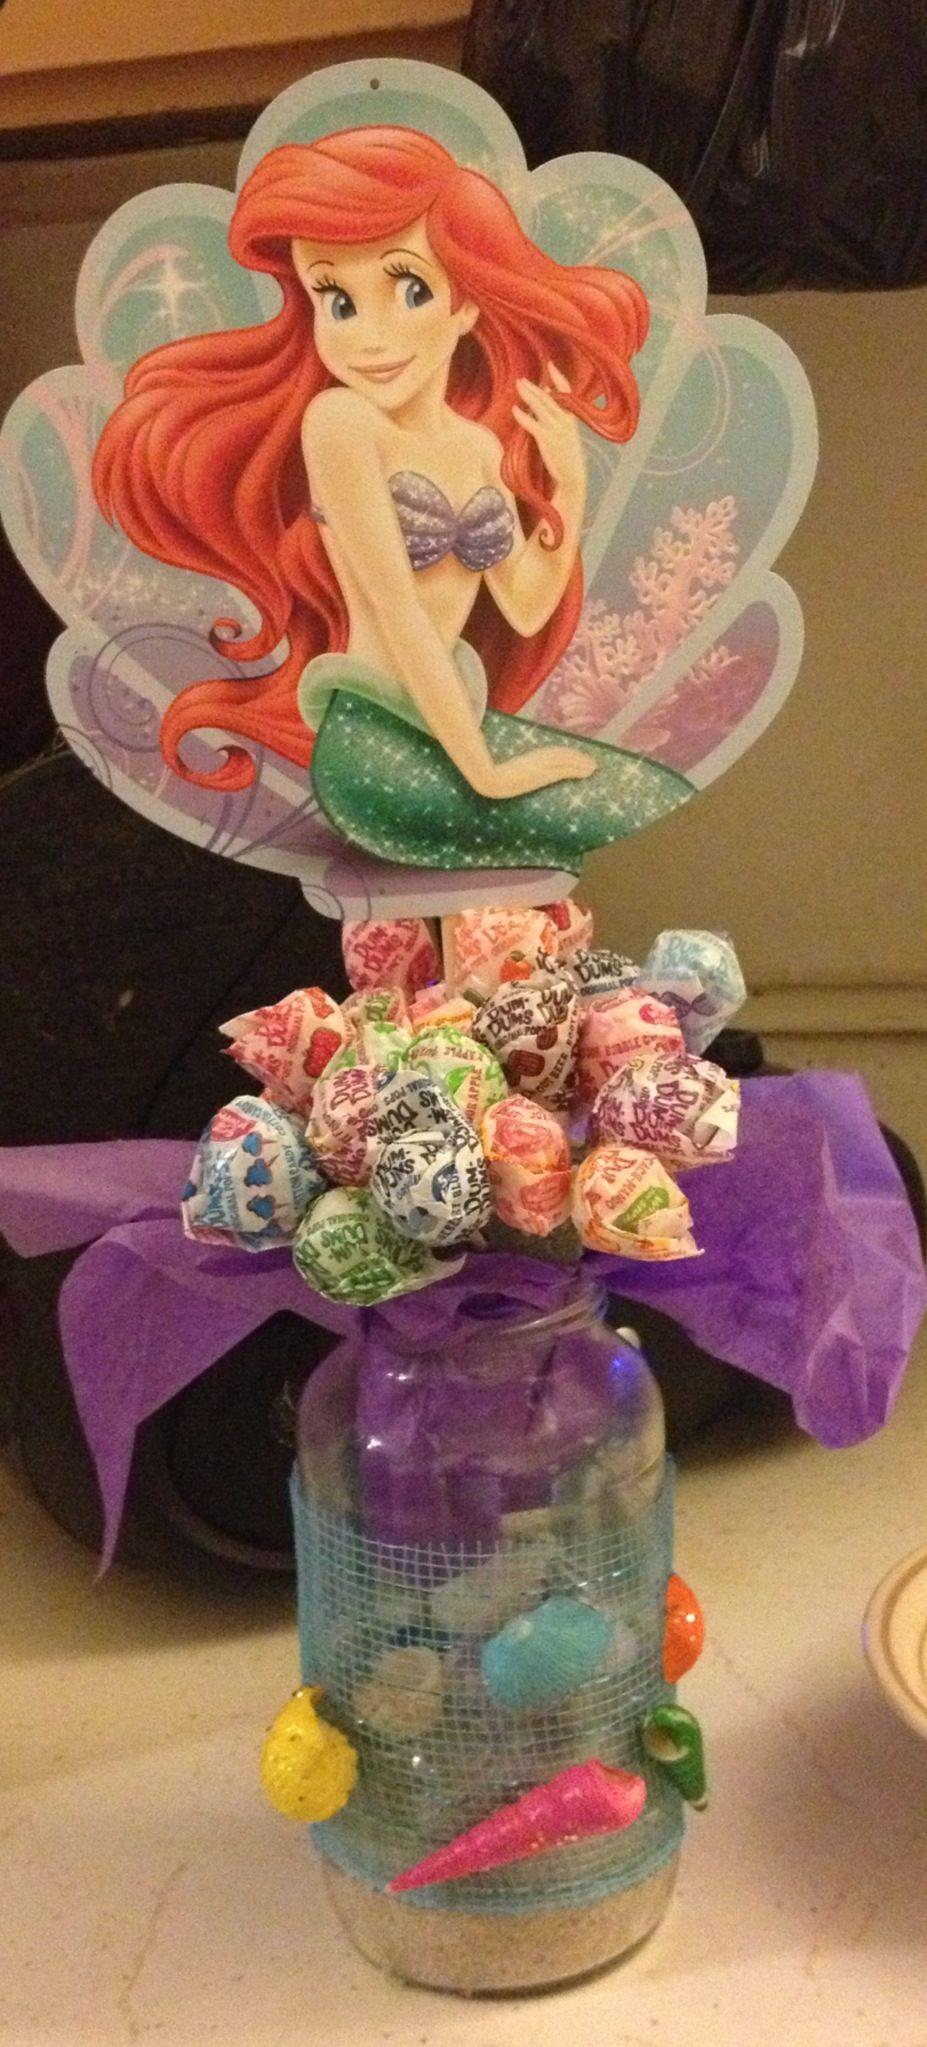 The little mermaid centerpiece from spaghetti sauce jars